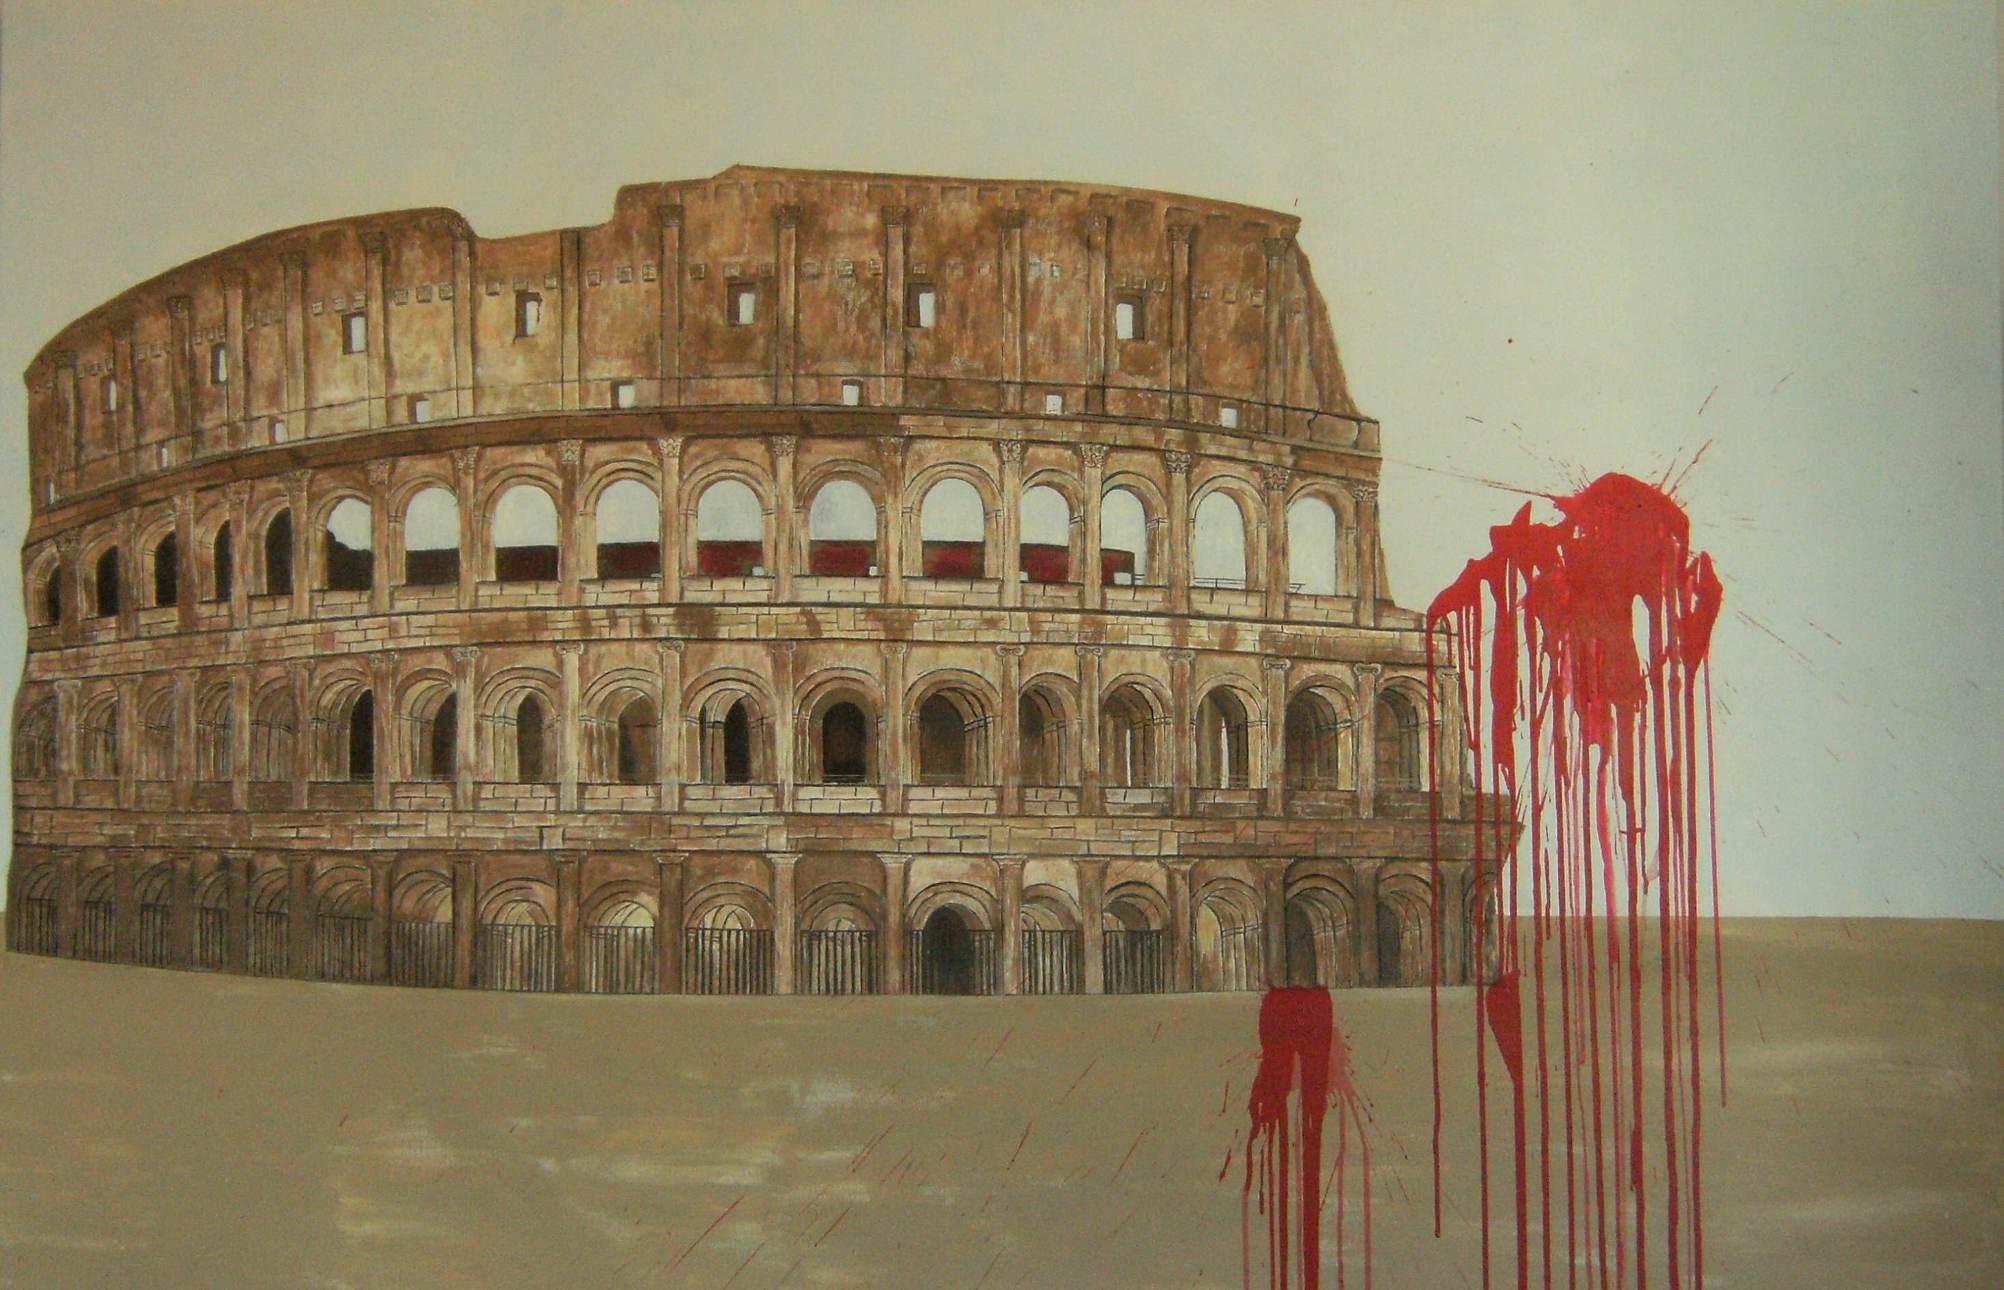 Colosseum / Rom